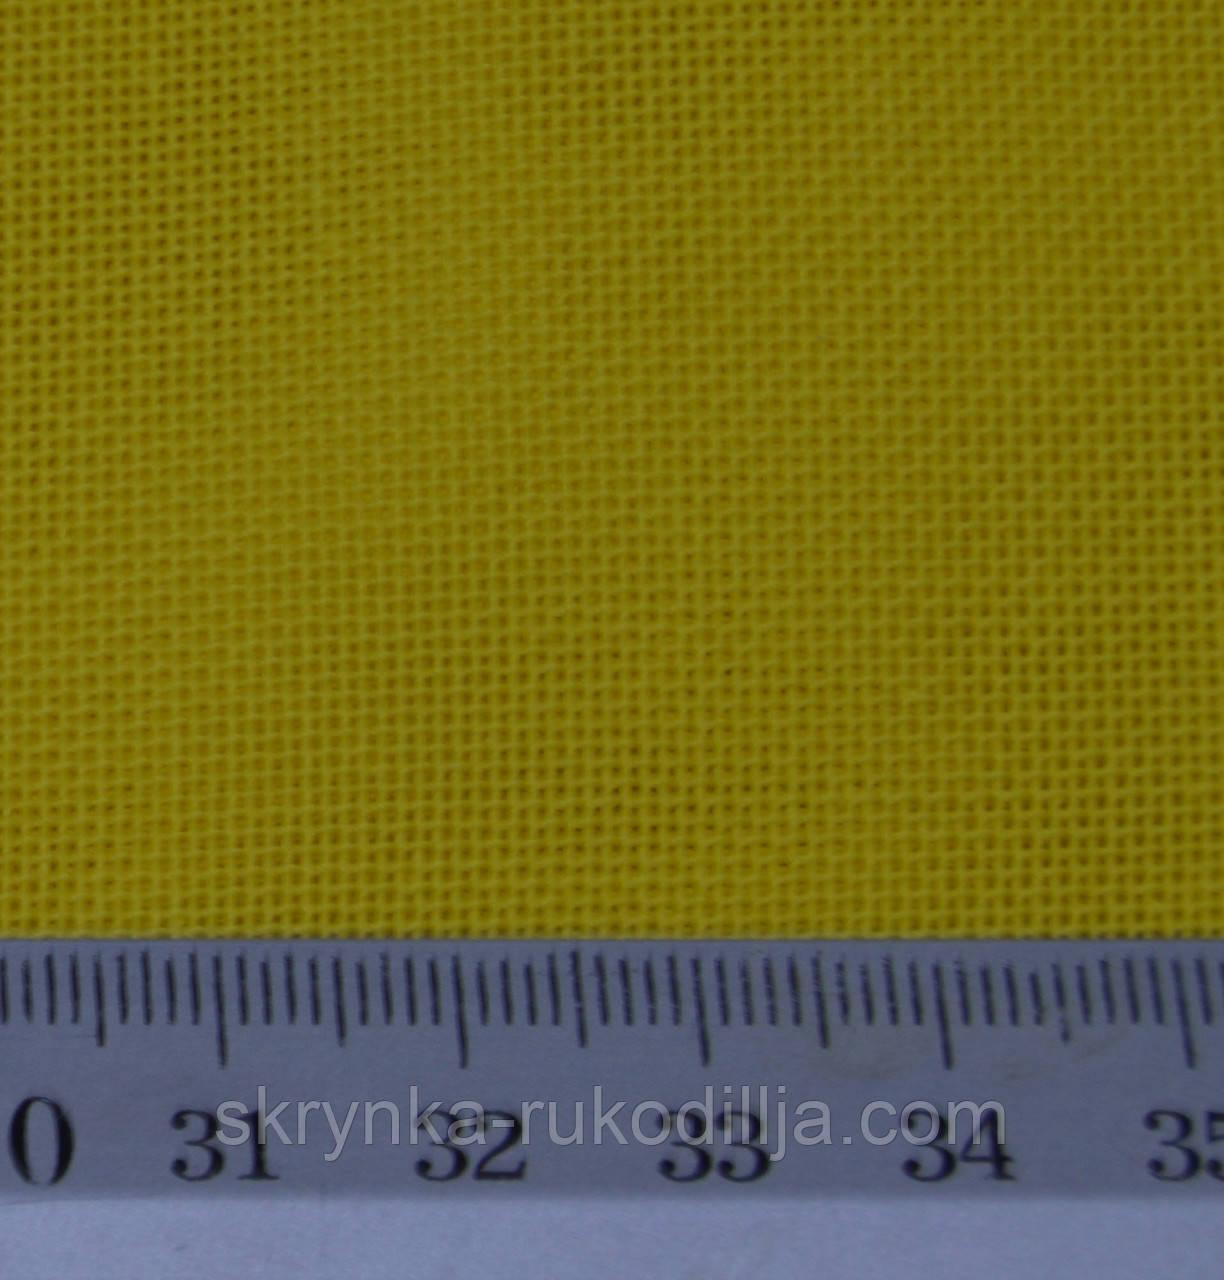 ... Тканина для вишивання сорочок (домоткане полотно гребінне) екстра №30 fffcfc0bfff32